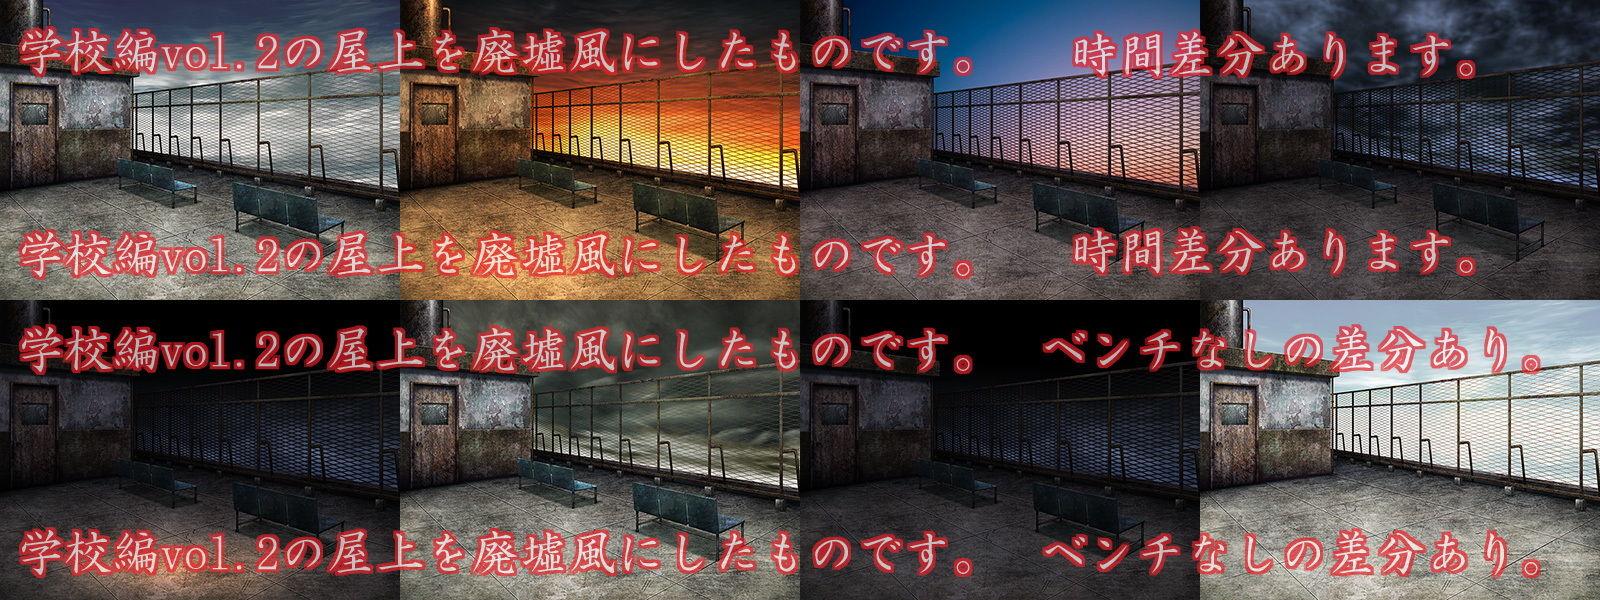 【キュキュキュのQのQ 同人】著作権フリー背景CG素材「廃墟の屋上」